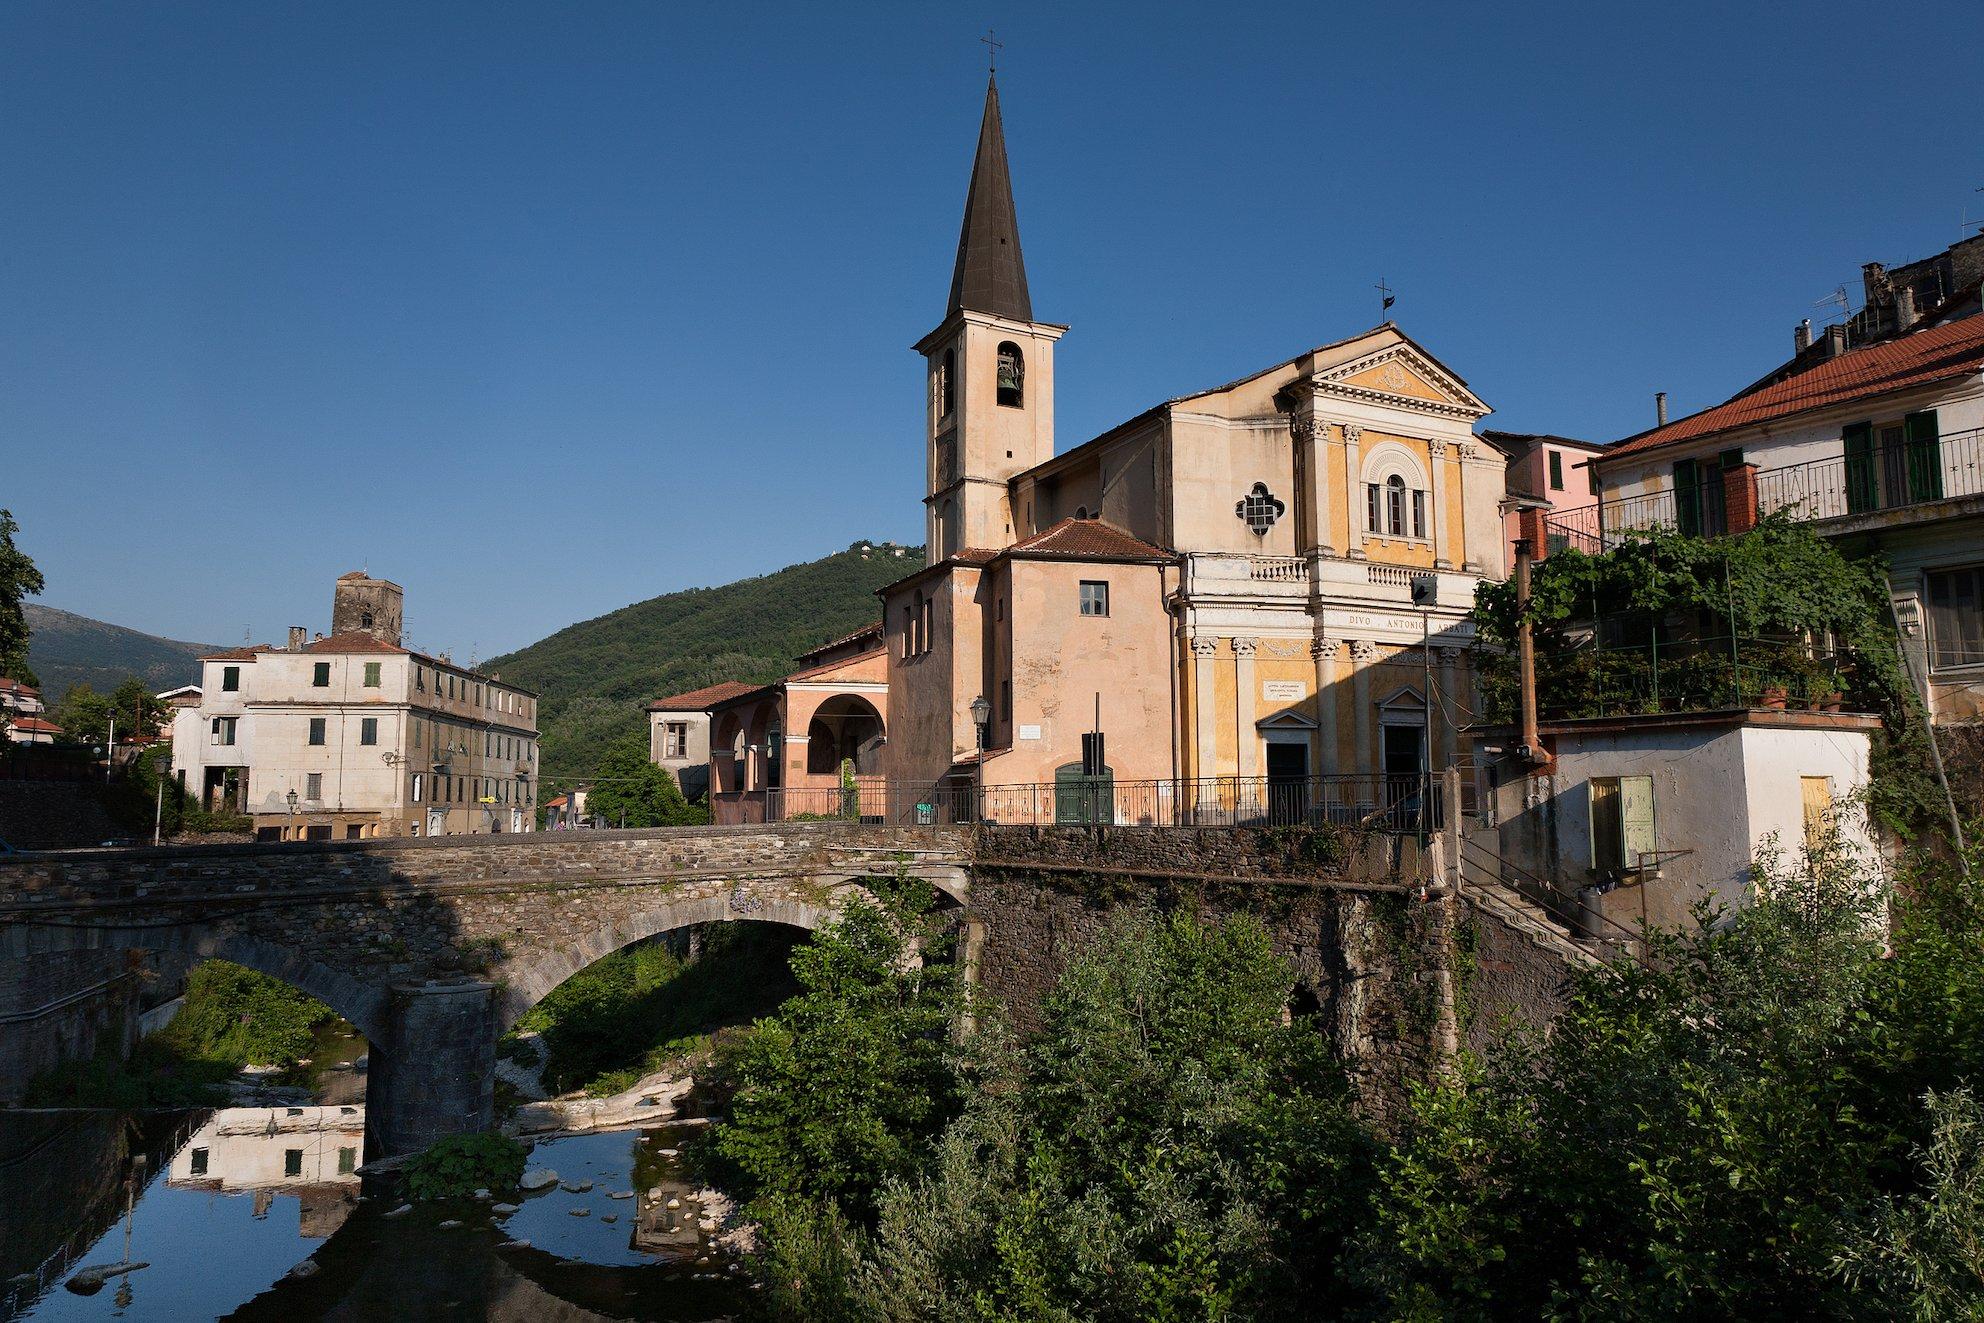 View Borgomaro, Liguria